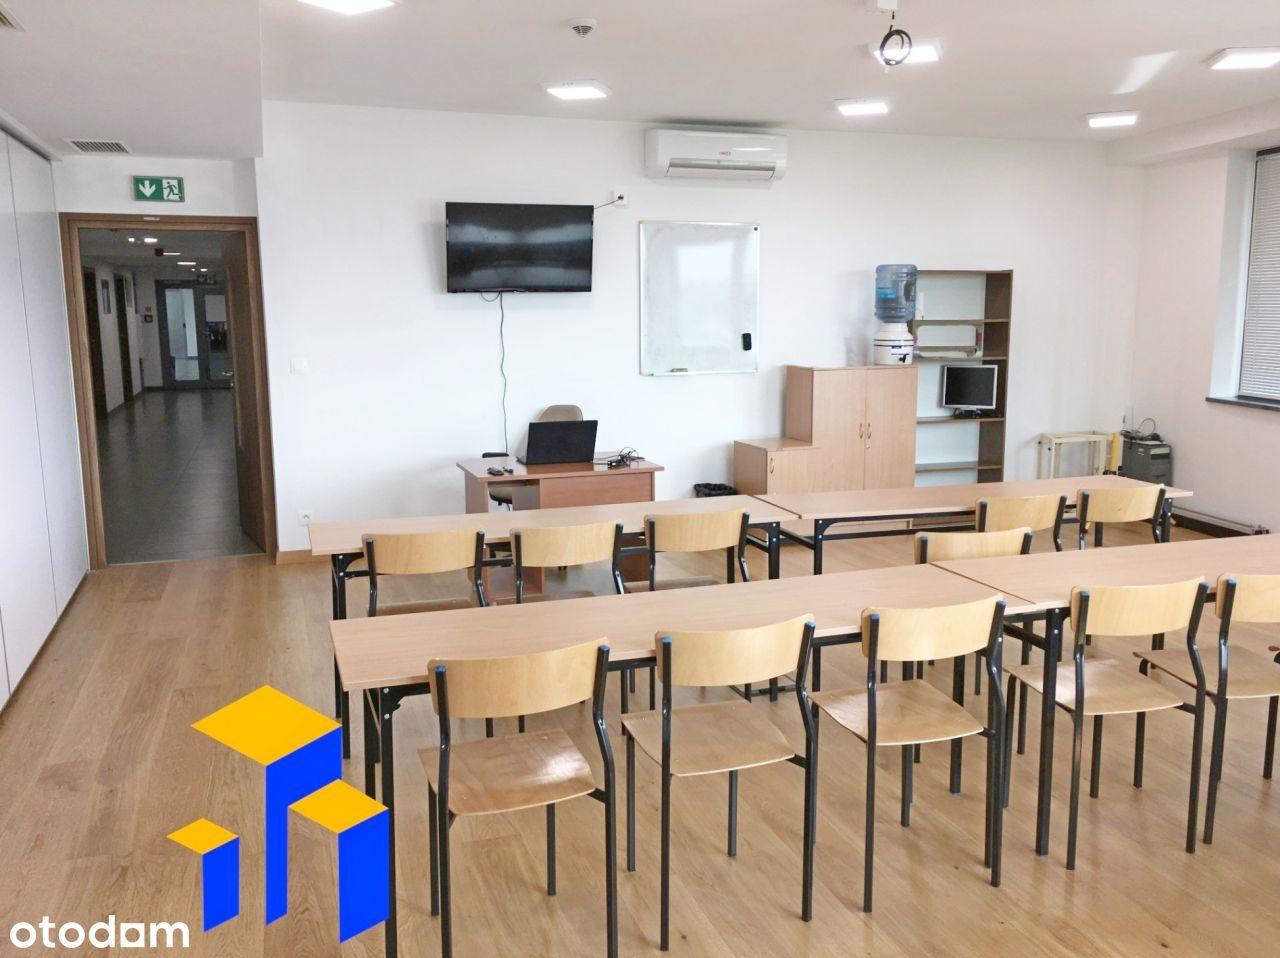 Lokal użytkowy, 42,90 m², Warszawa